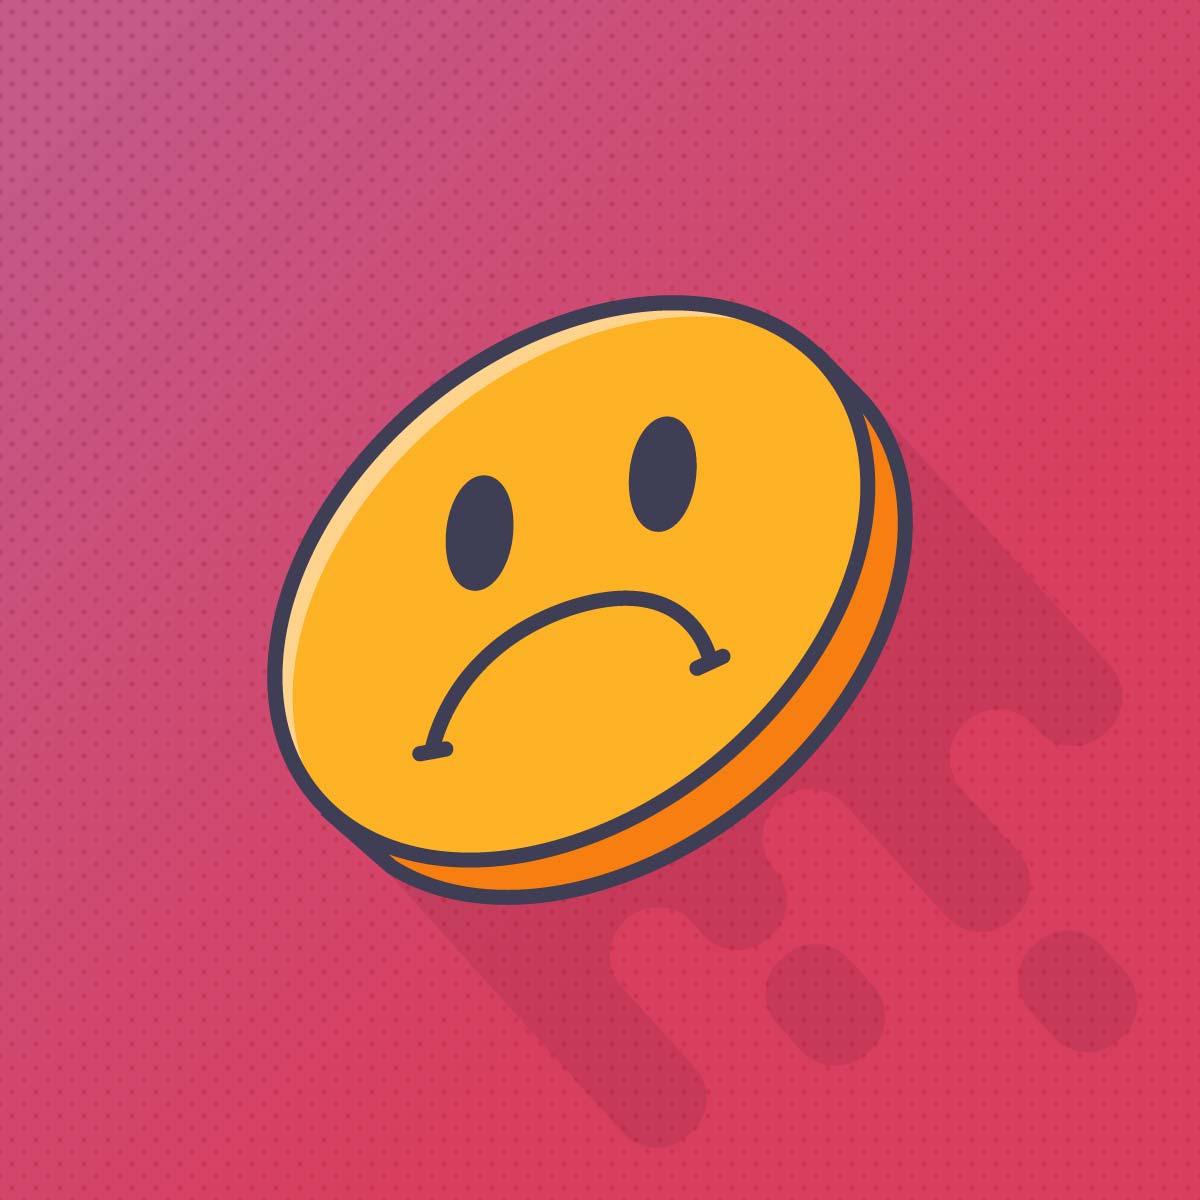 Emoji de carita triste